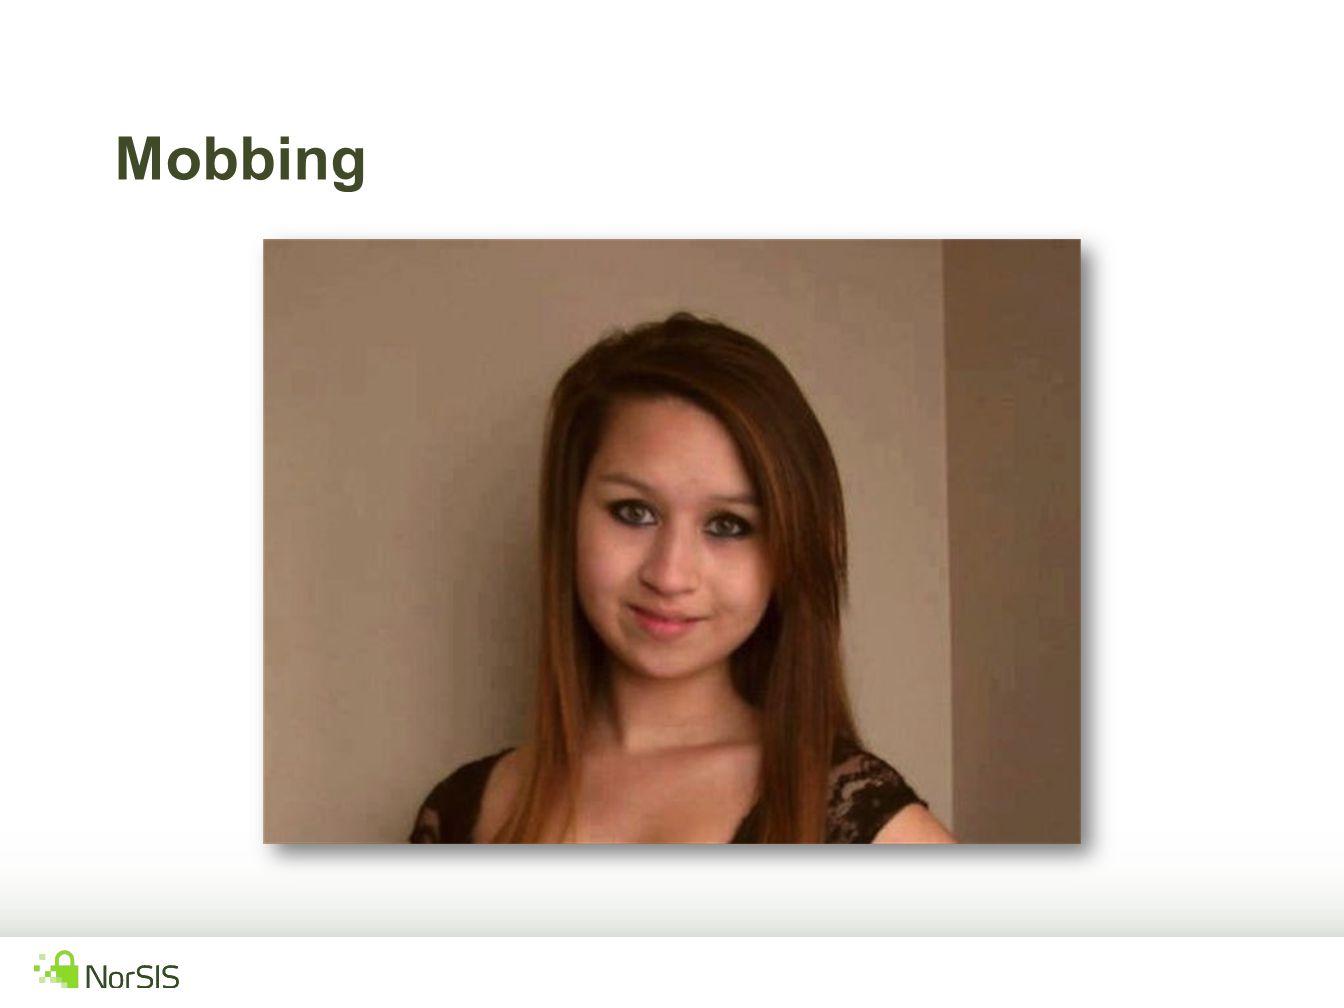 Mobbing Dette er Amanda Todd,